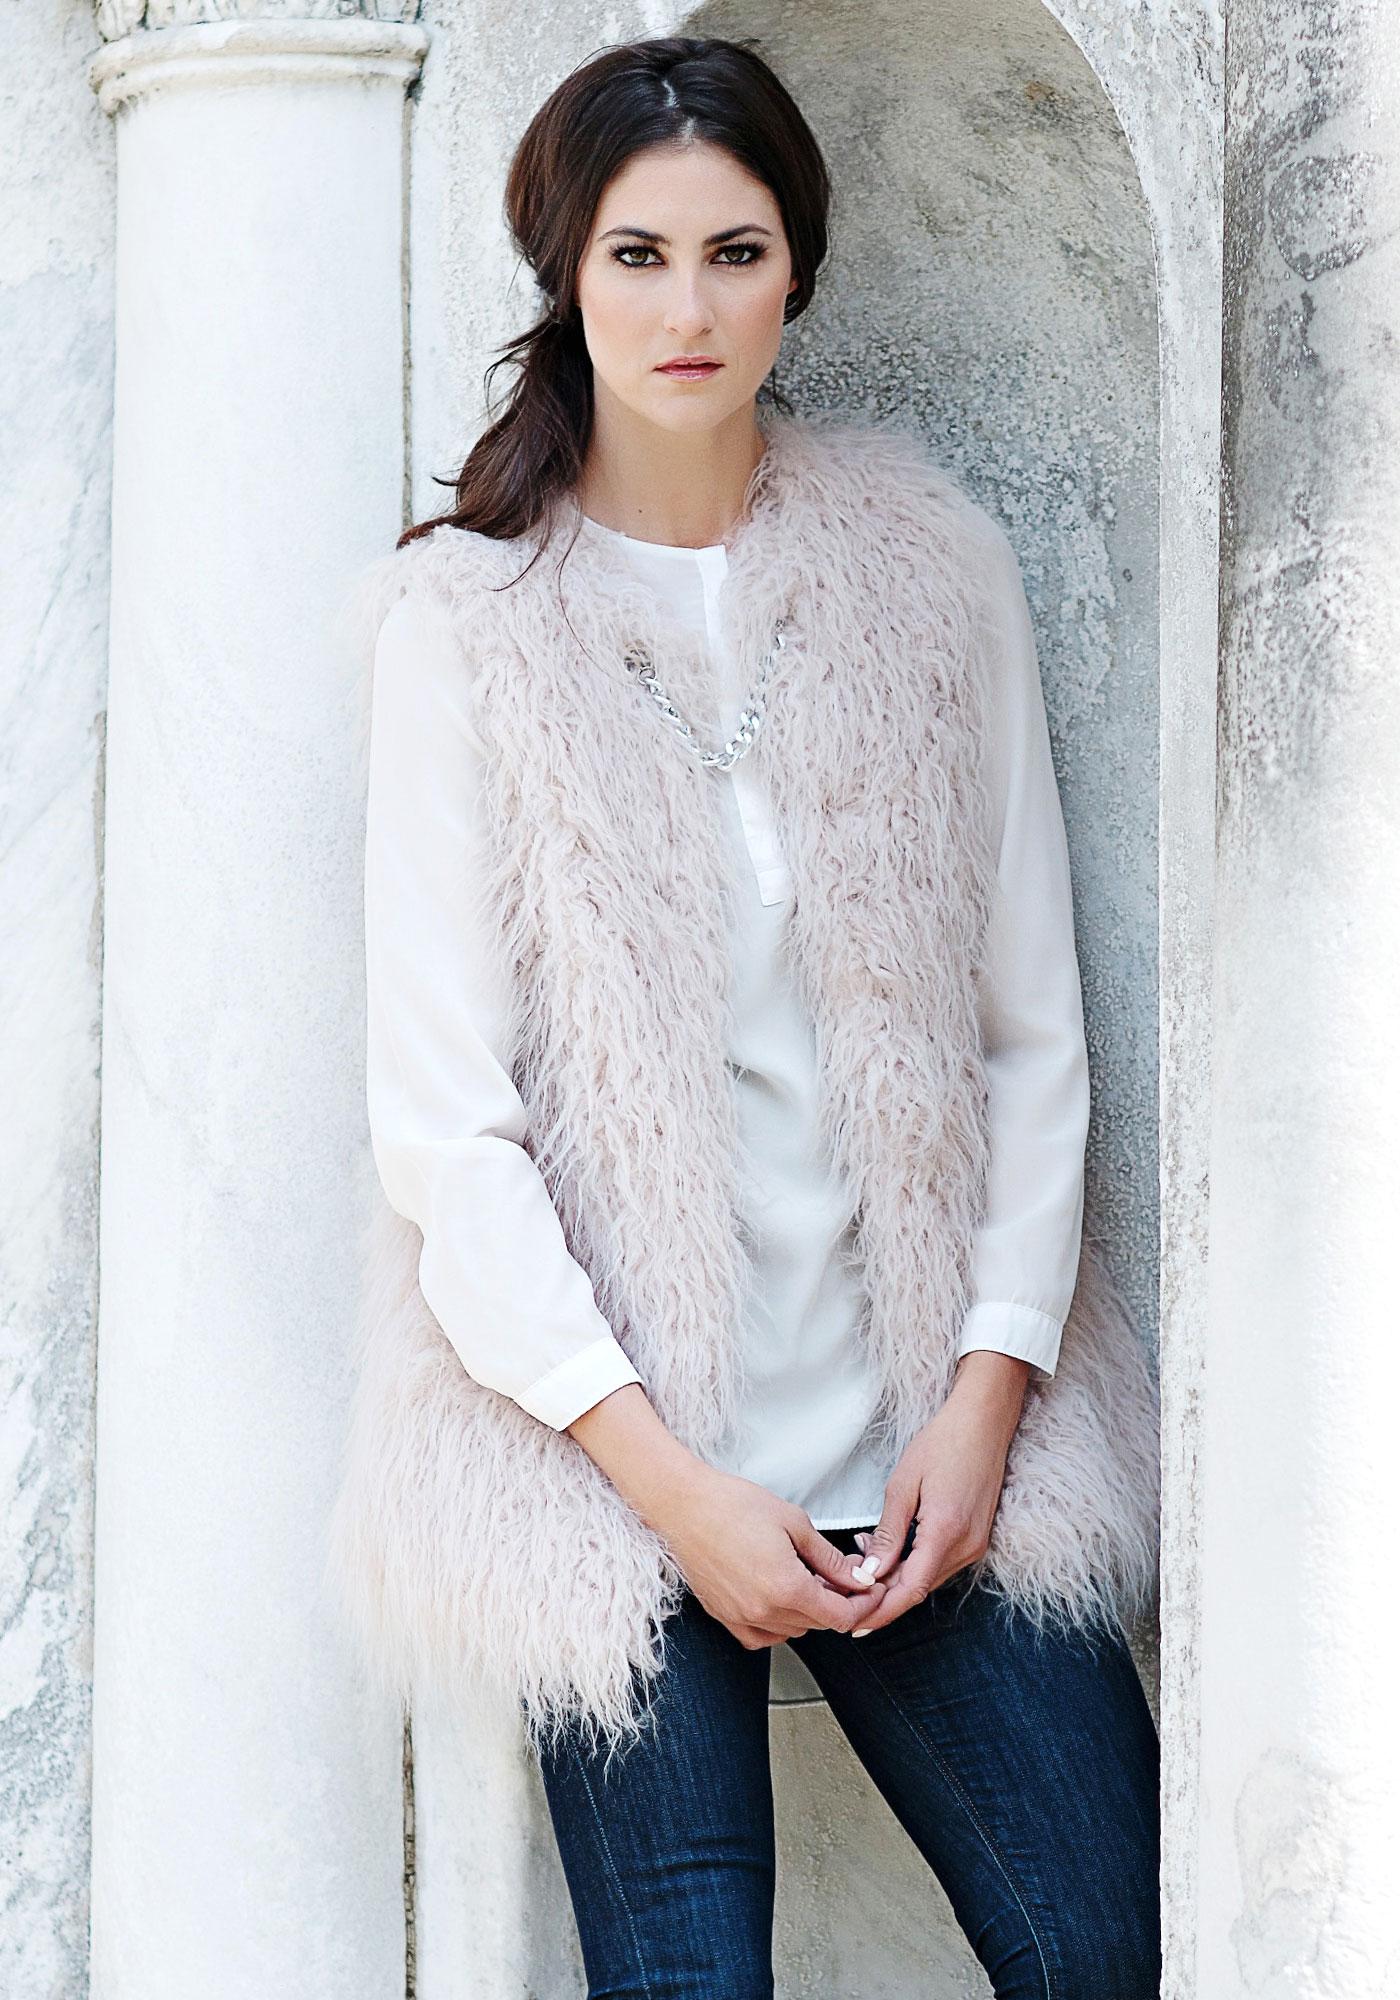 Fabulous Furs Mauve Tibetan Lamb Faux Fur Vest, $69 (on sale)